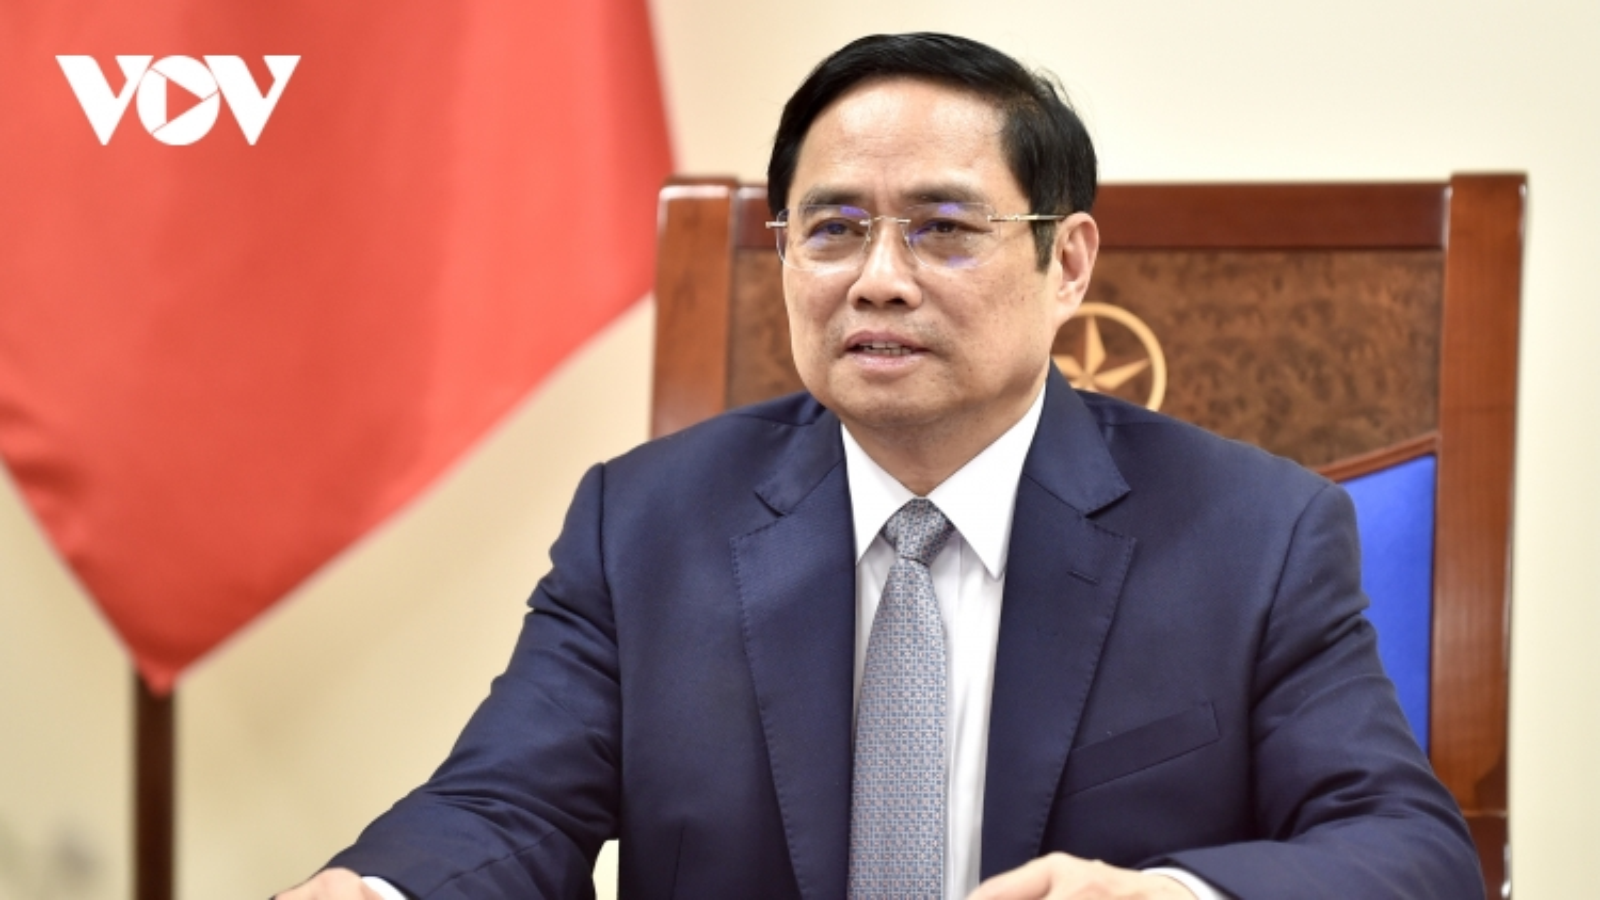 Thủ tướng Phạm Minh Chính điện đàm trực tuyến với Thủ tướng Bỉ